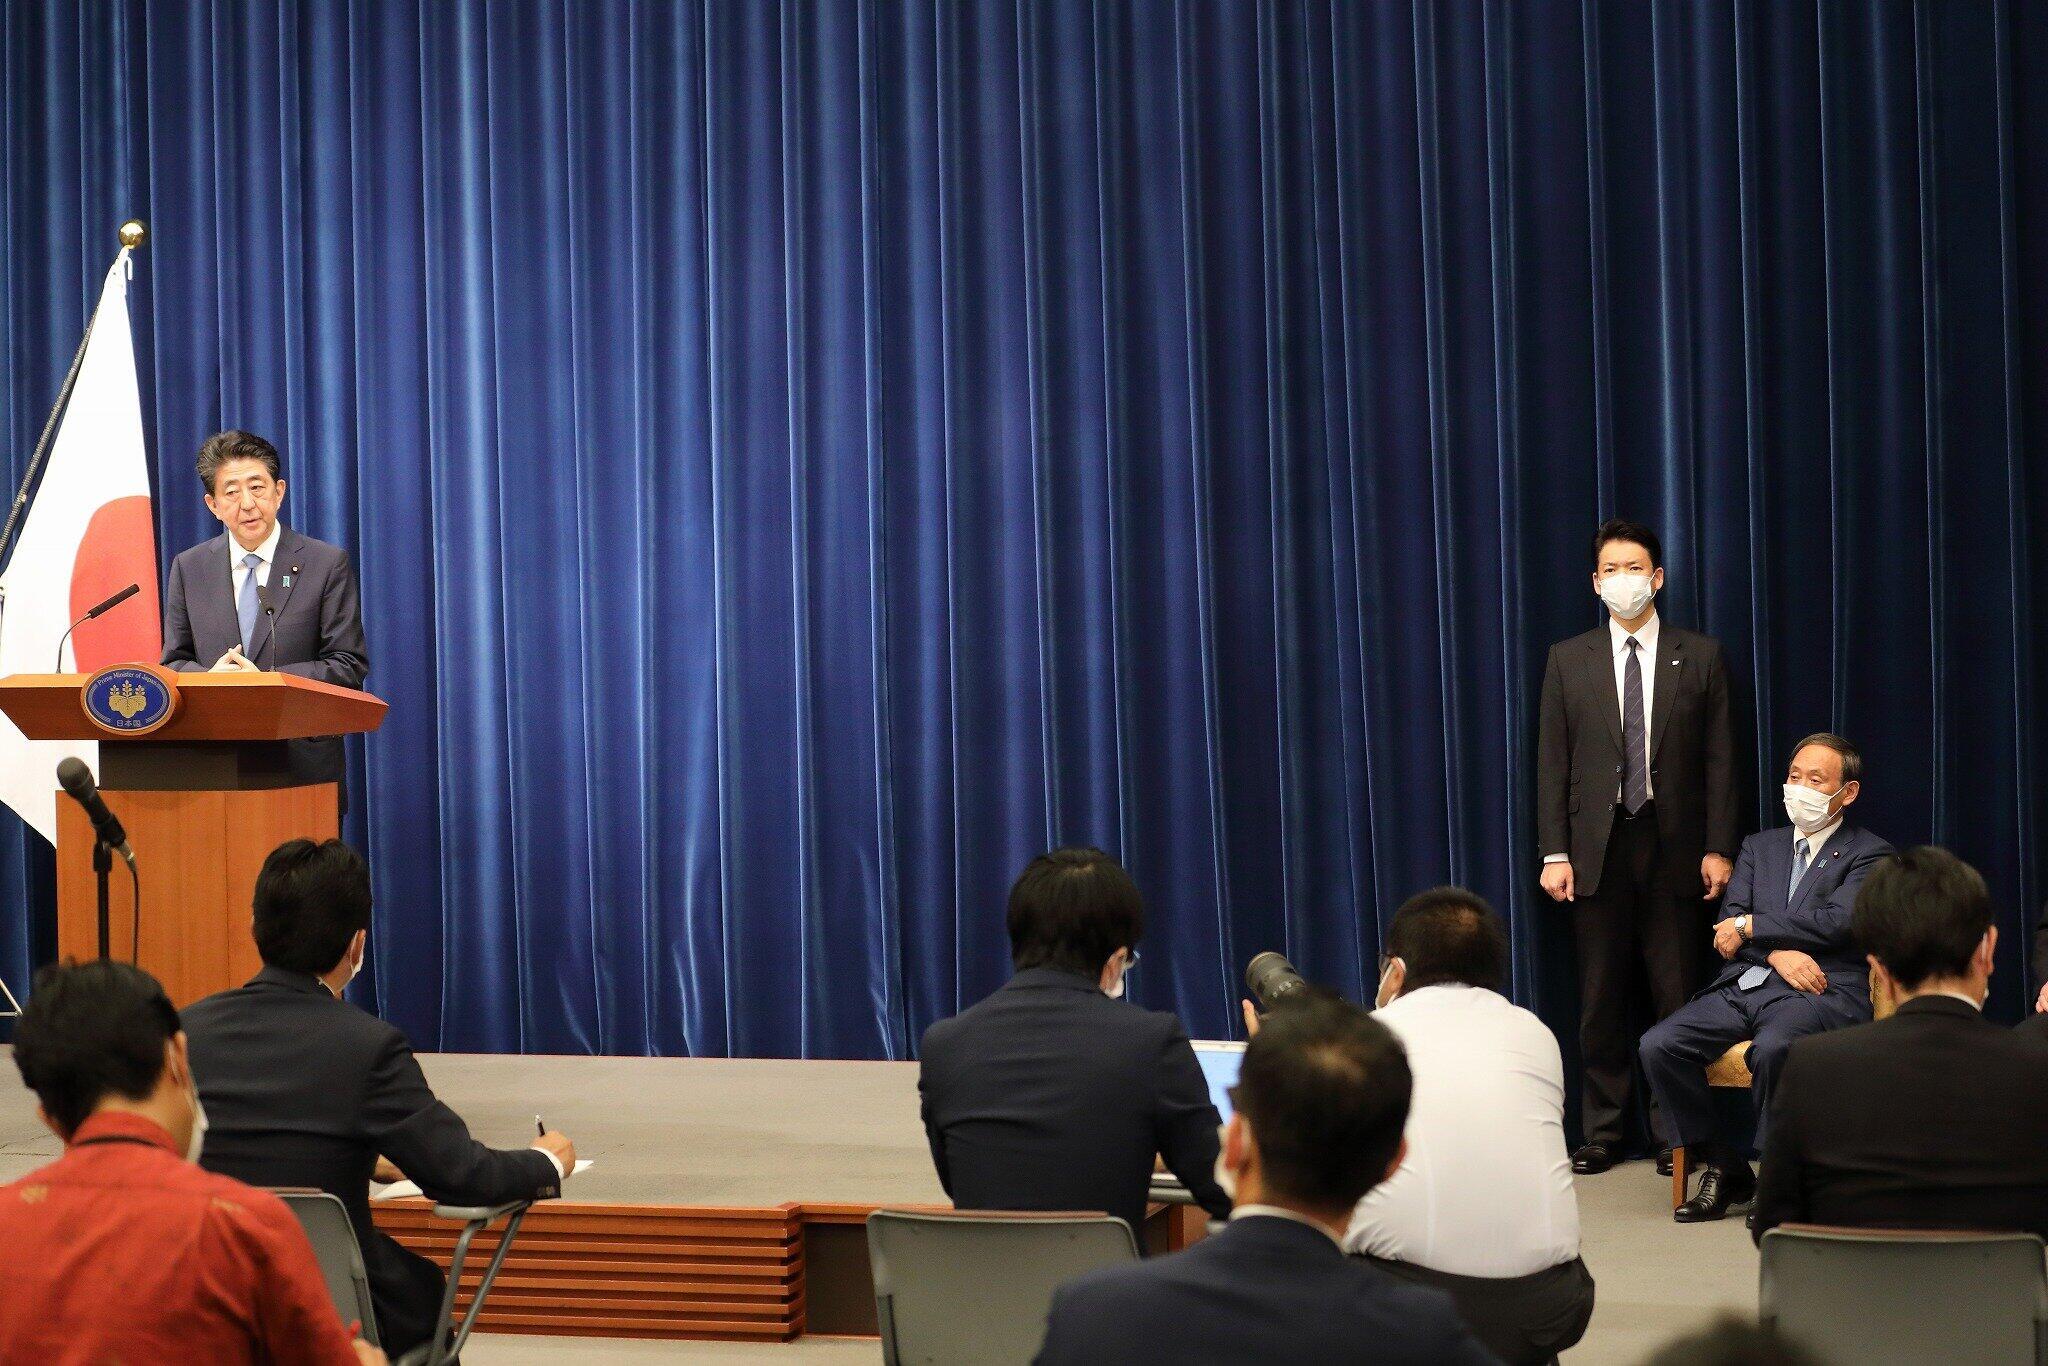 「政権私物化の批判どう思うか」→「私物化したというつもりは...」 安倍首相会見で問答